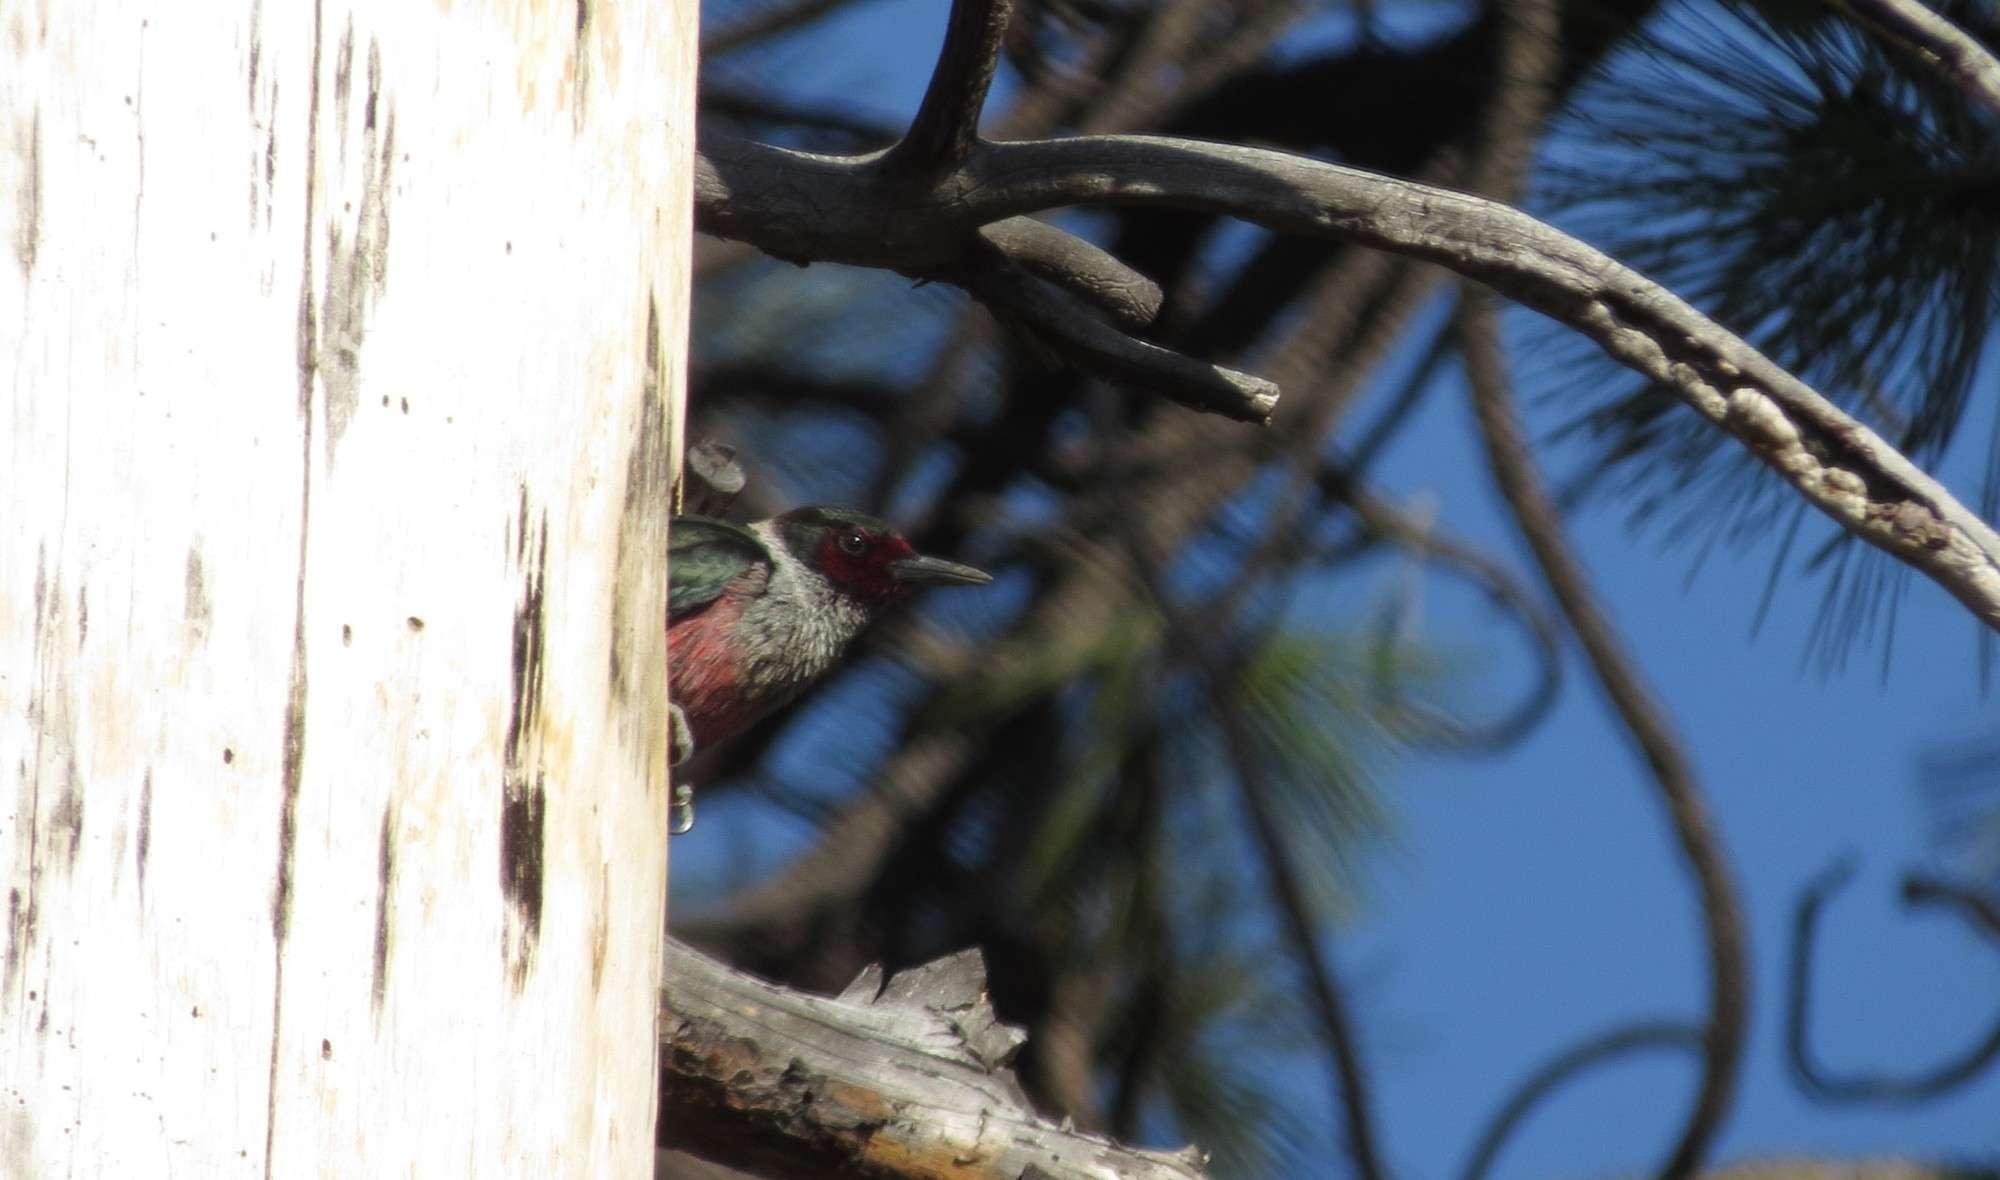 ¿Qué especies de pájaro carpintero se puede encontrar en Golden Gate Park? - Naturaleza de la bahía